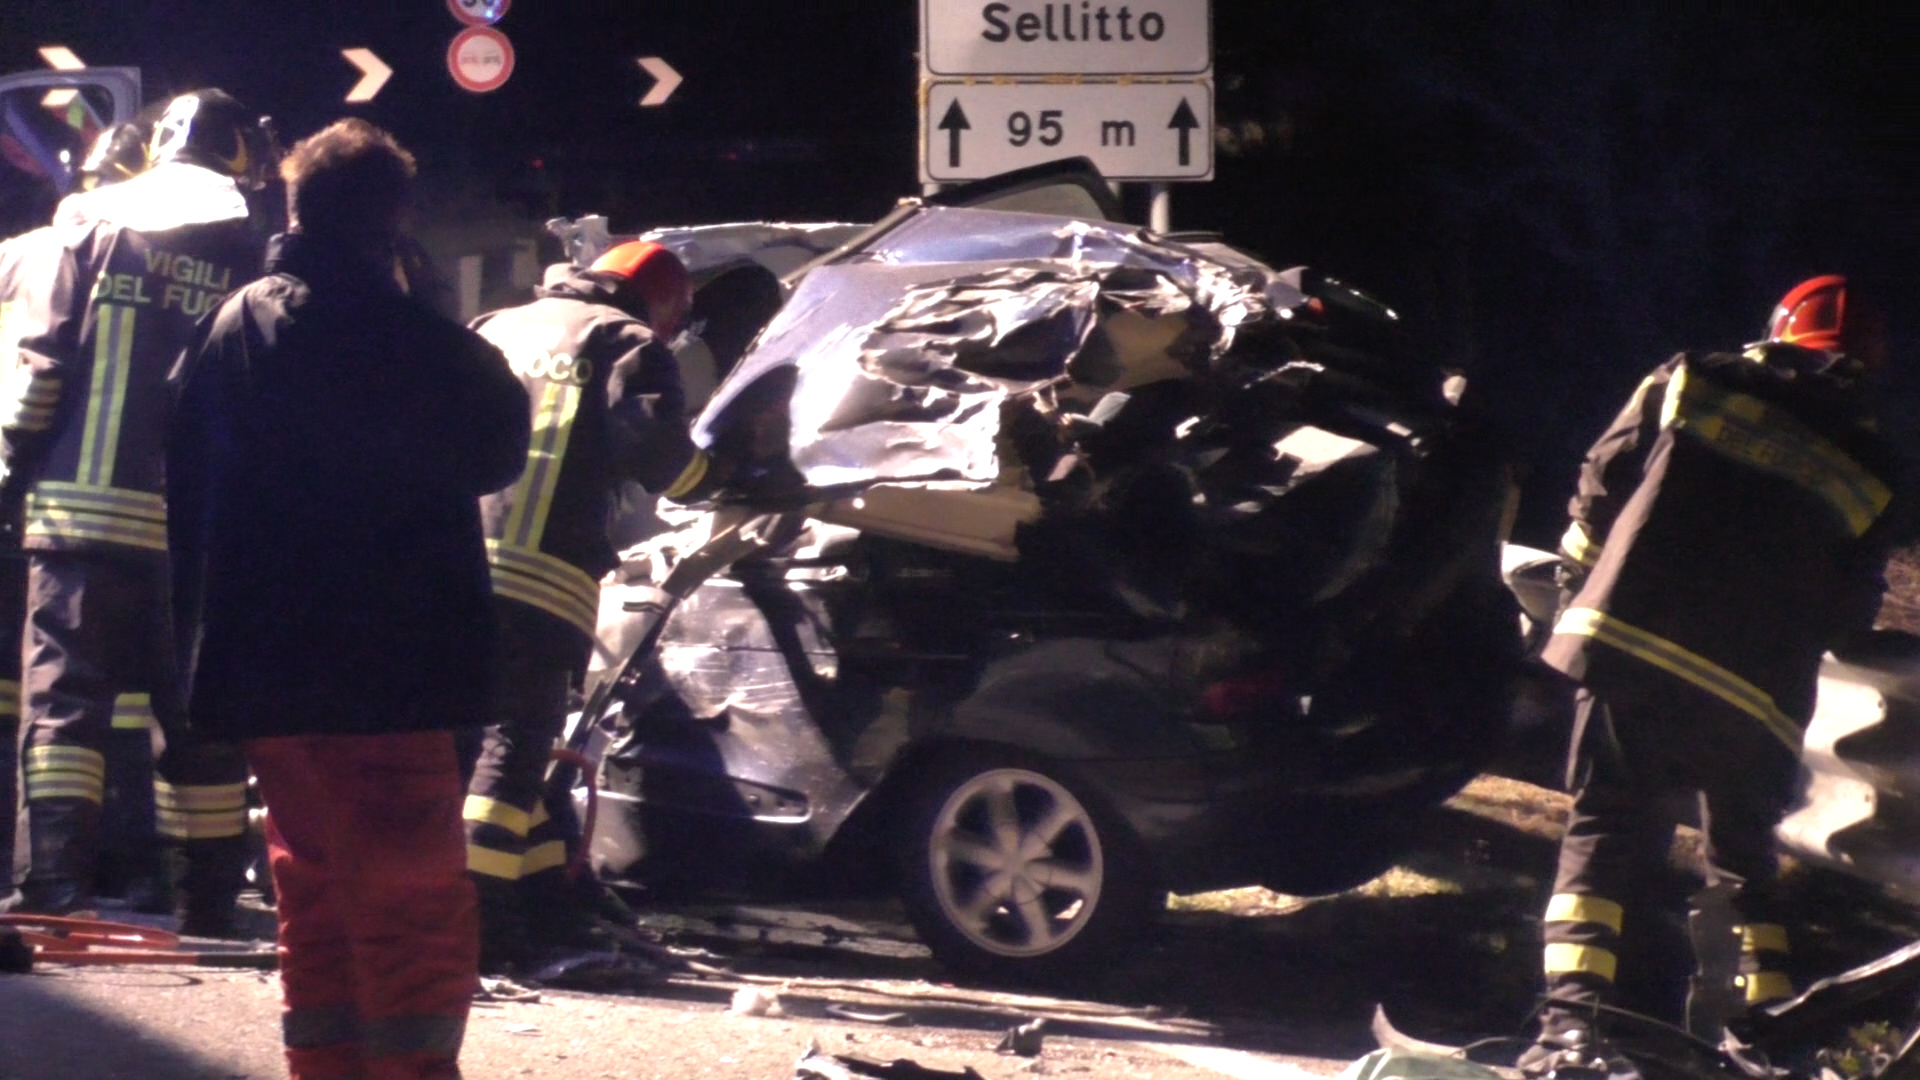 Incidente ad Atena Lucana, auto contro TIR, 3 morti ed un ferito